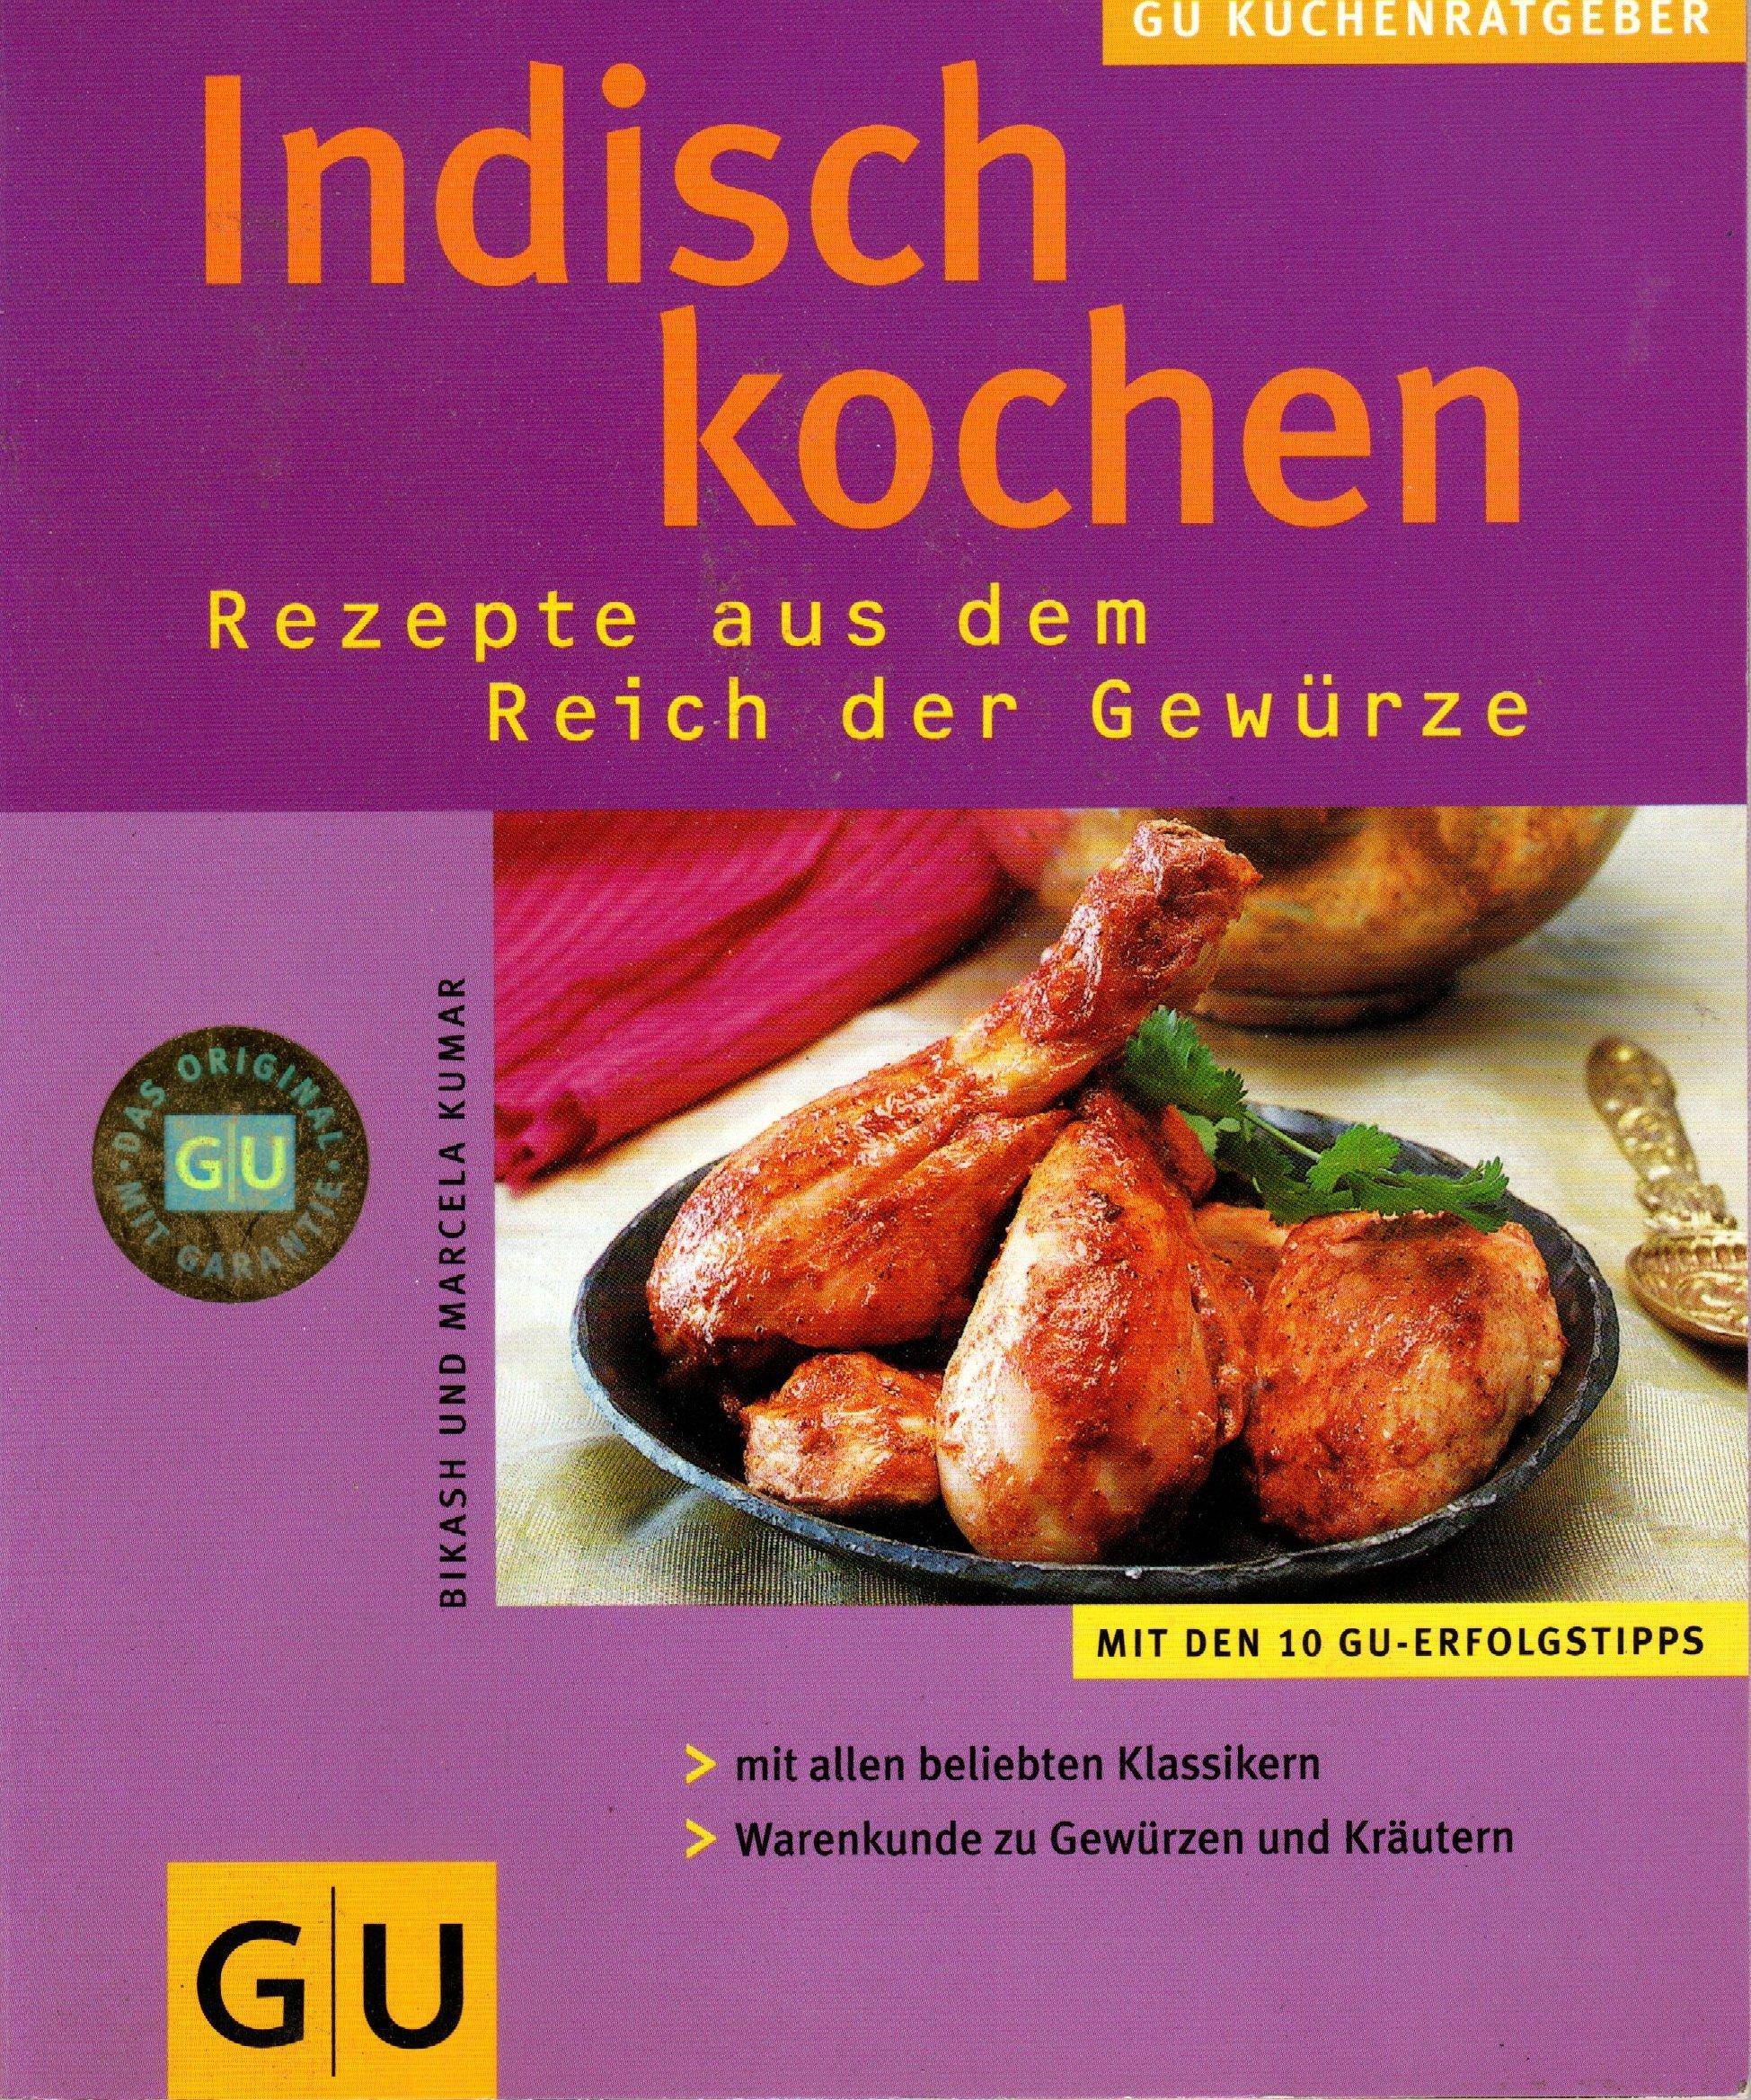 Indisch Kochen KüchenRatgeber neu